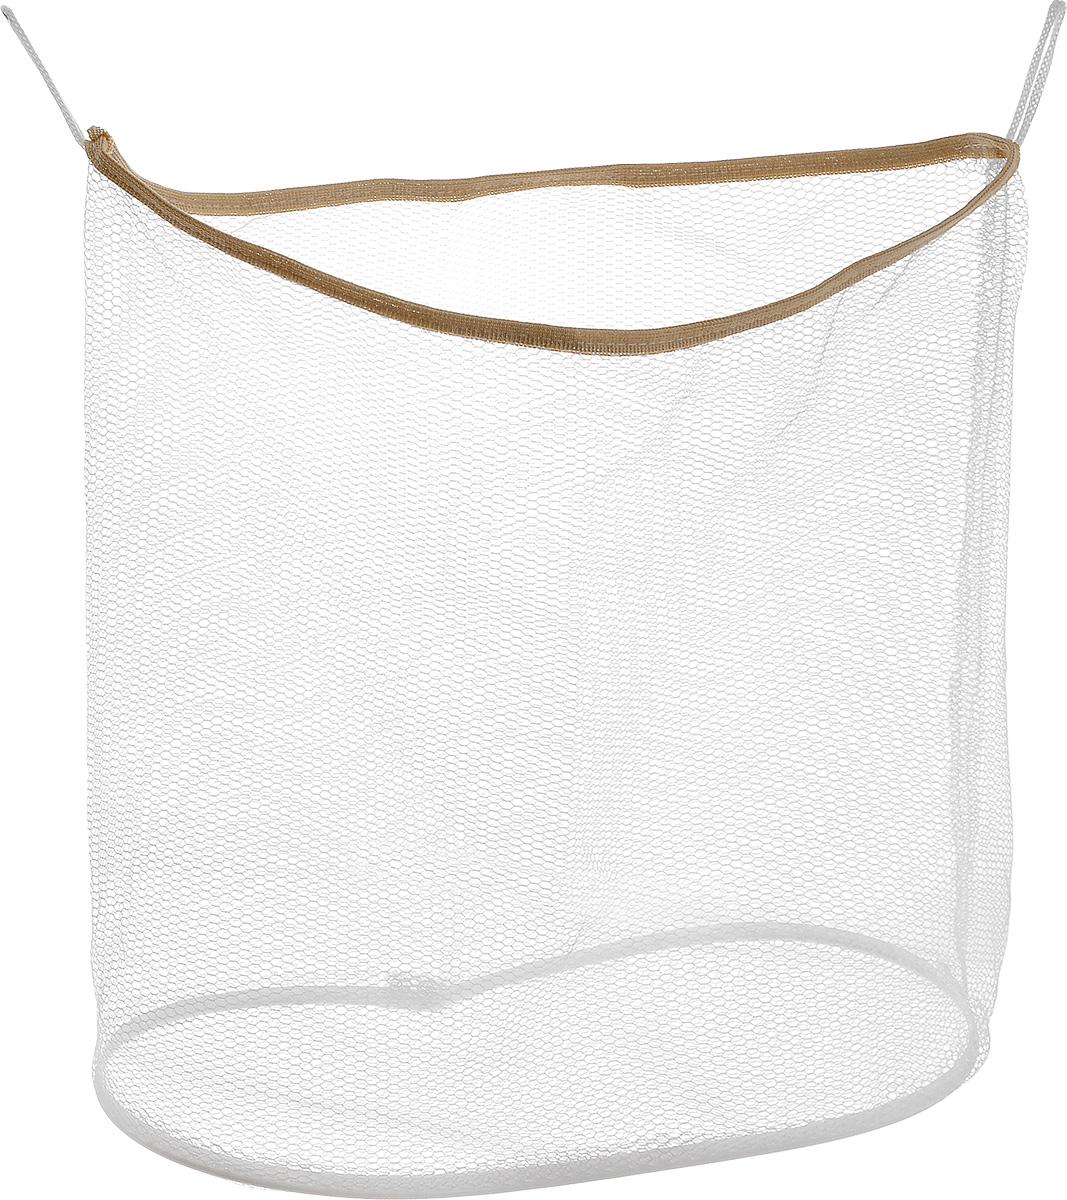 Сетка  Eva  для игрушек и мелочей в ванную, цвет: бежевый, белый, 35 х 15 х 37 см -  Контейнеры для игрушек, ковши